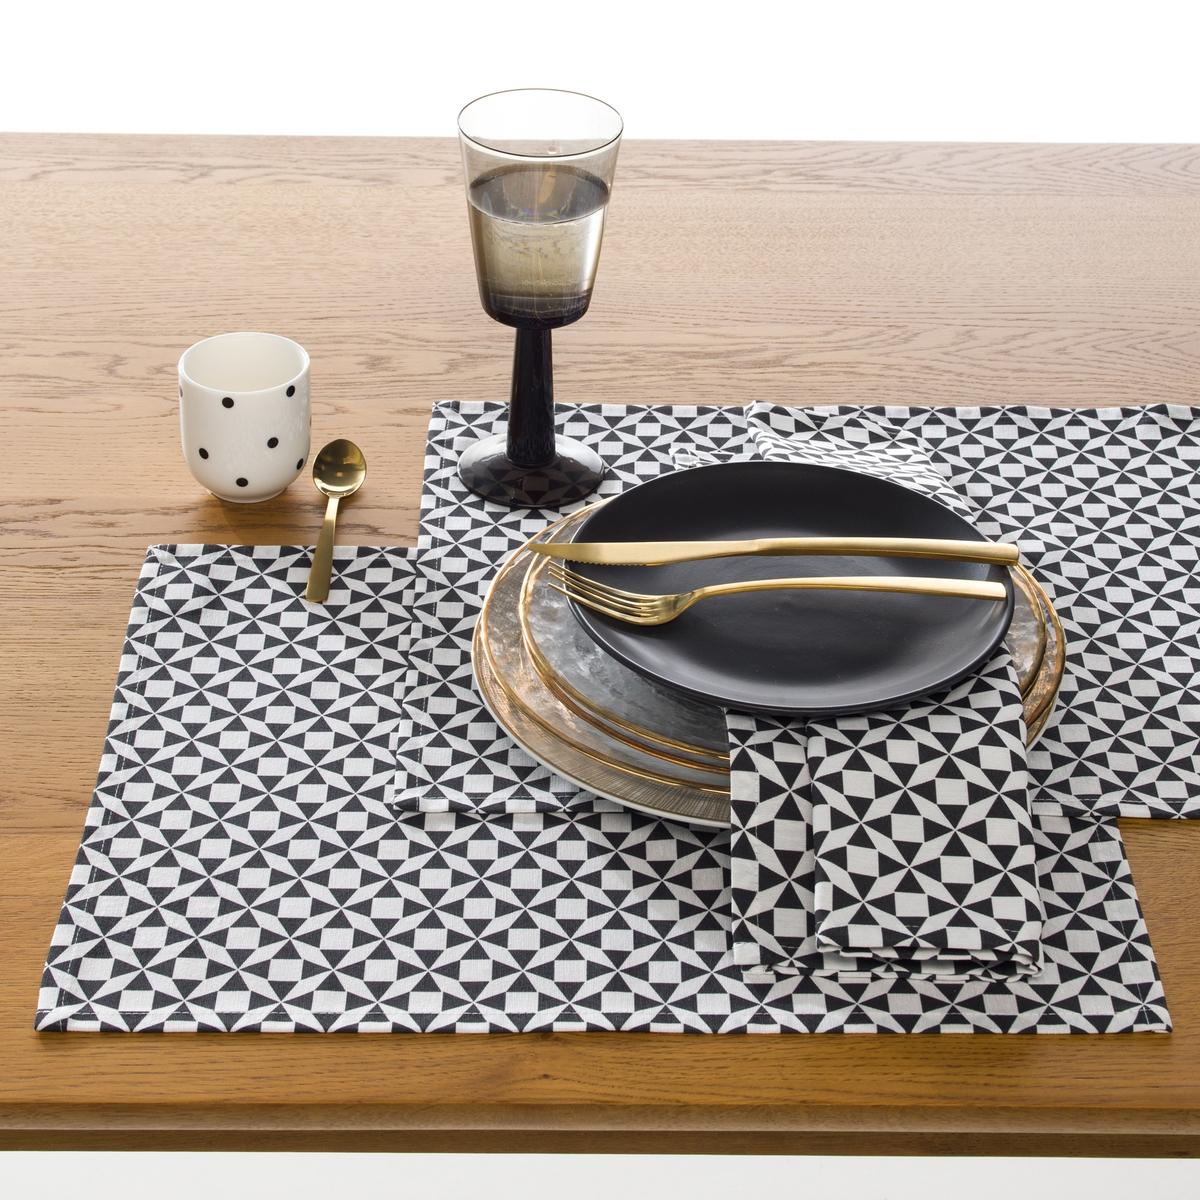 2 салфетки под столовый прибор, CisareХарактеристики салфетки под столовый прибор:70% хлопка, 30% полиэстера.Размеры : 34 x 45 см Комплект из 2 салфеток. Уход :Следуйте рекомендациям по уходу, указанным на этикетке изделия.<br><br>Цвет: антрацит/шафран